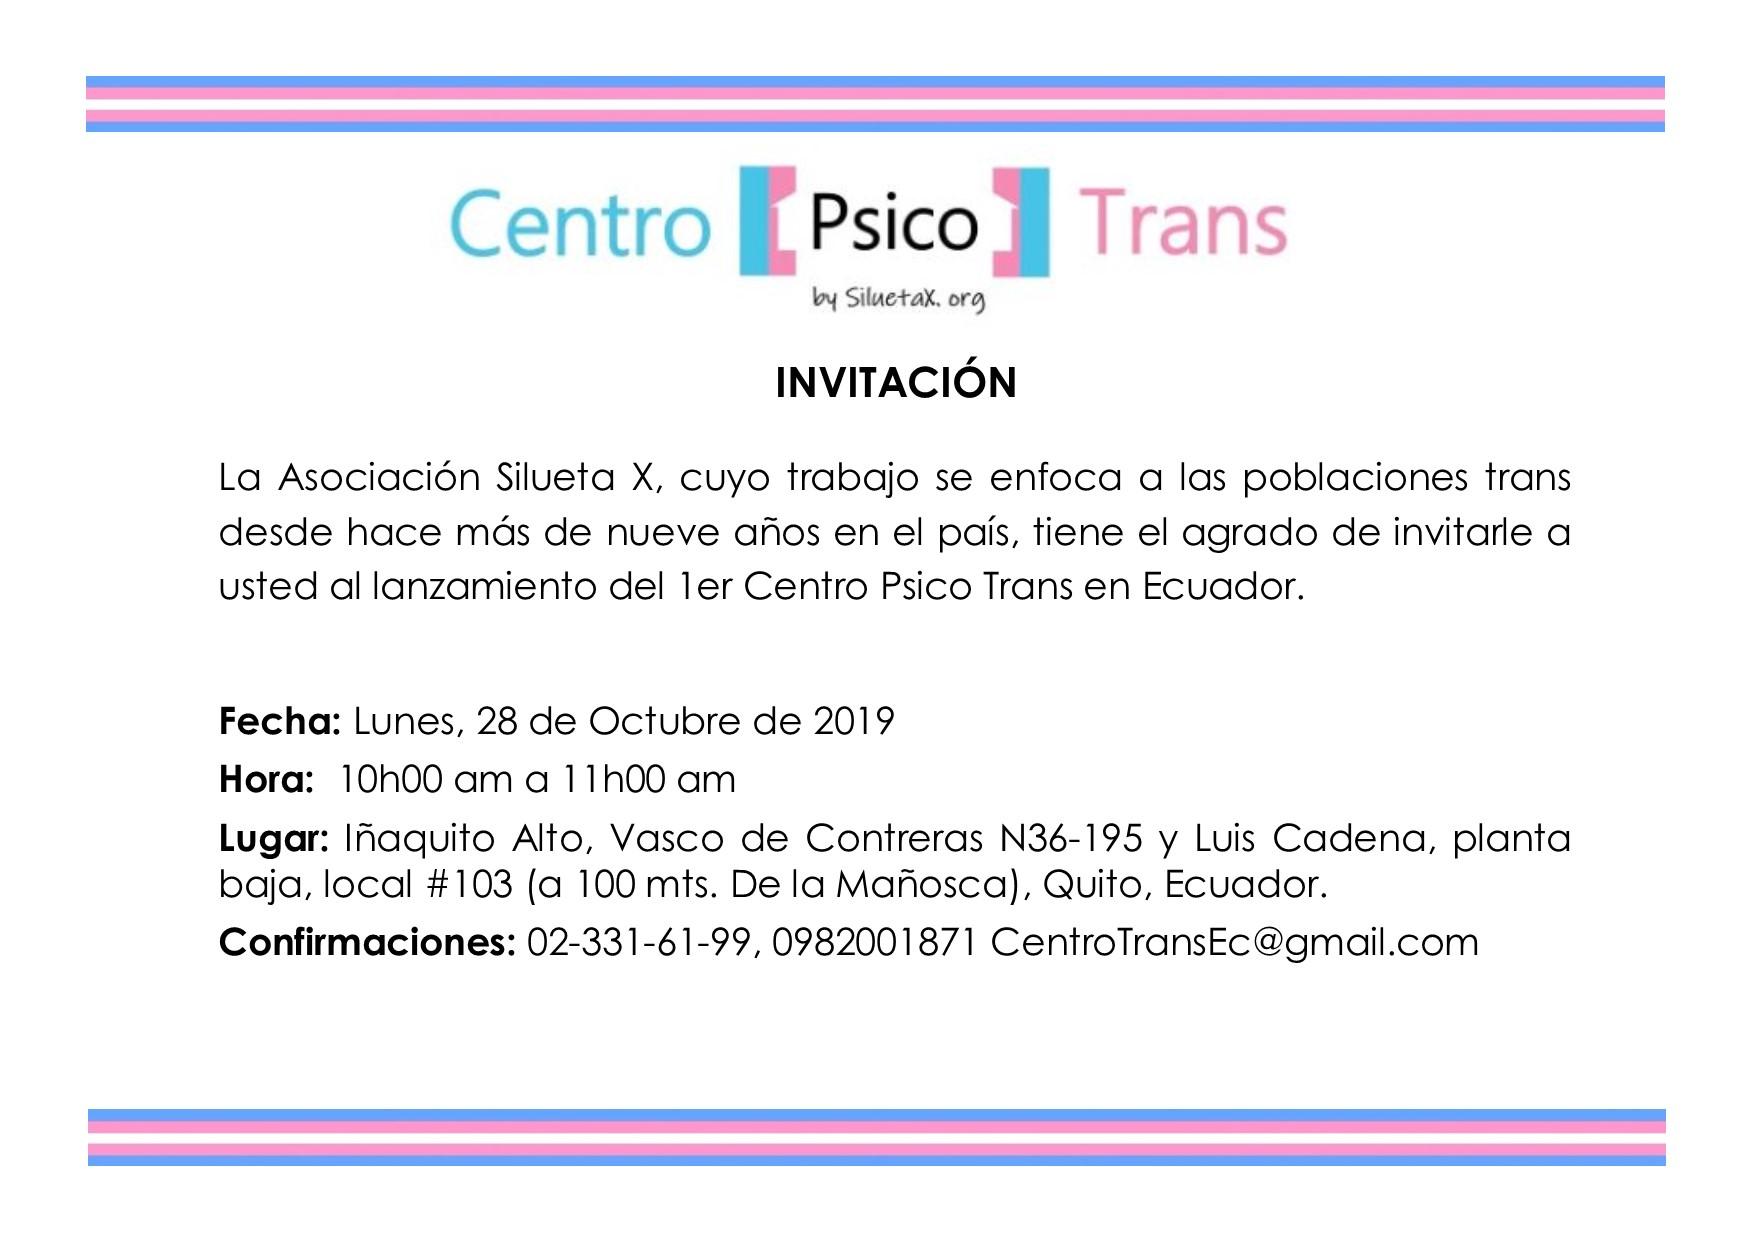 Invitación General al lanzamiento Centro Psico Trans en Ecuador